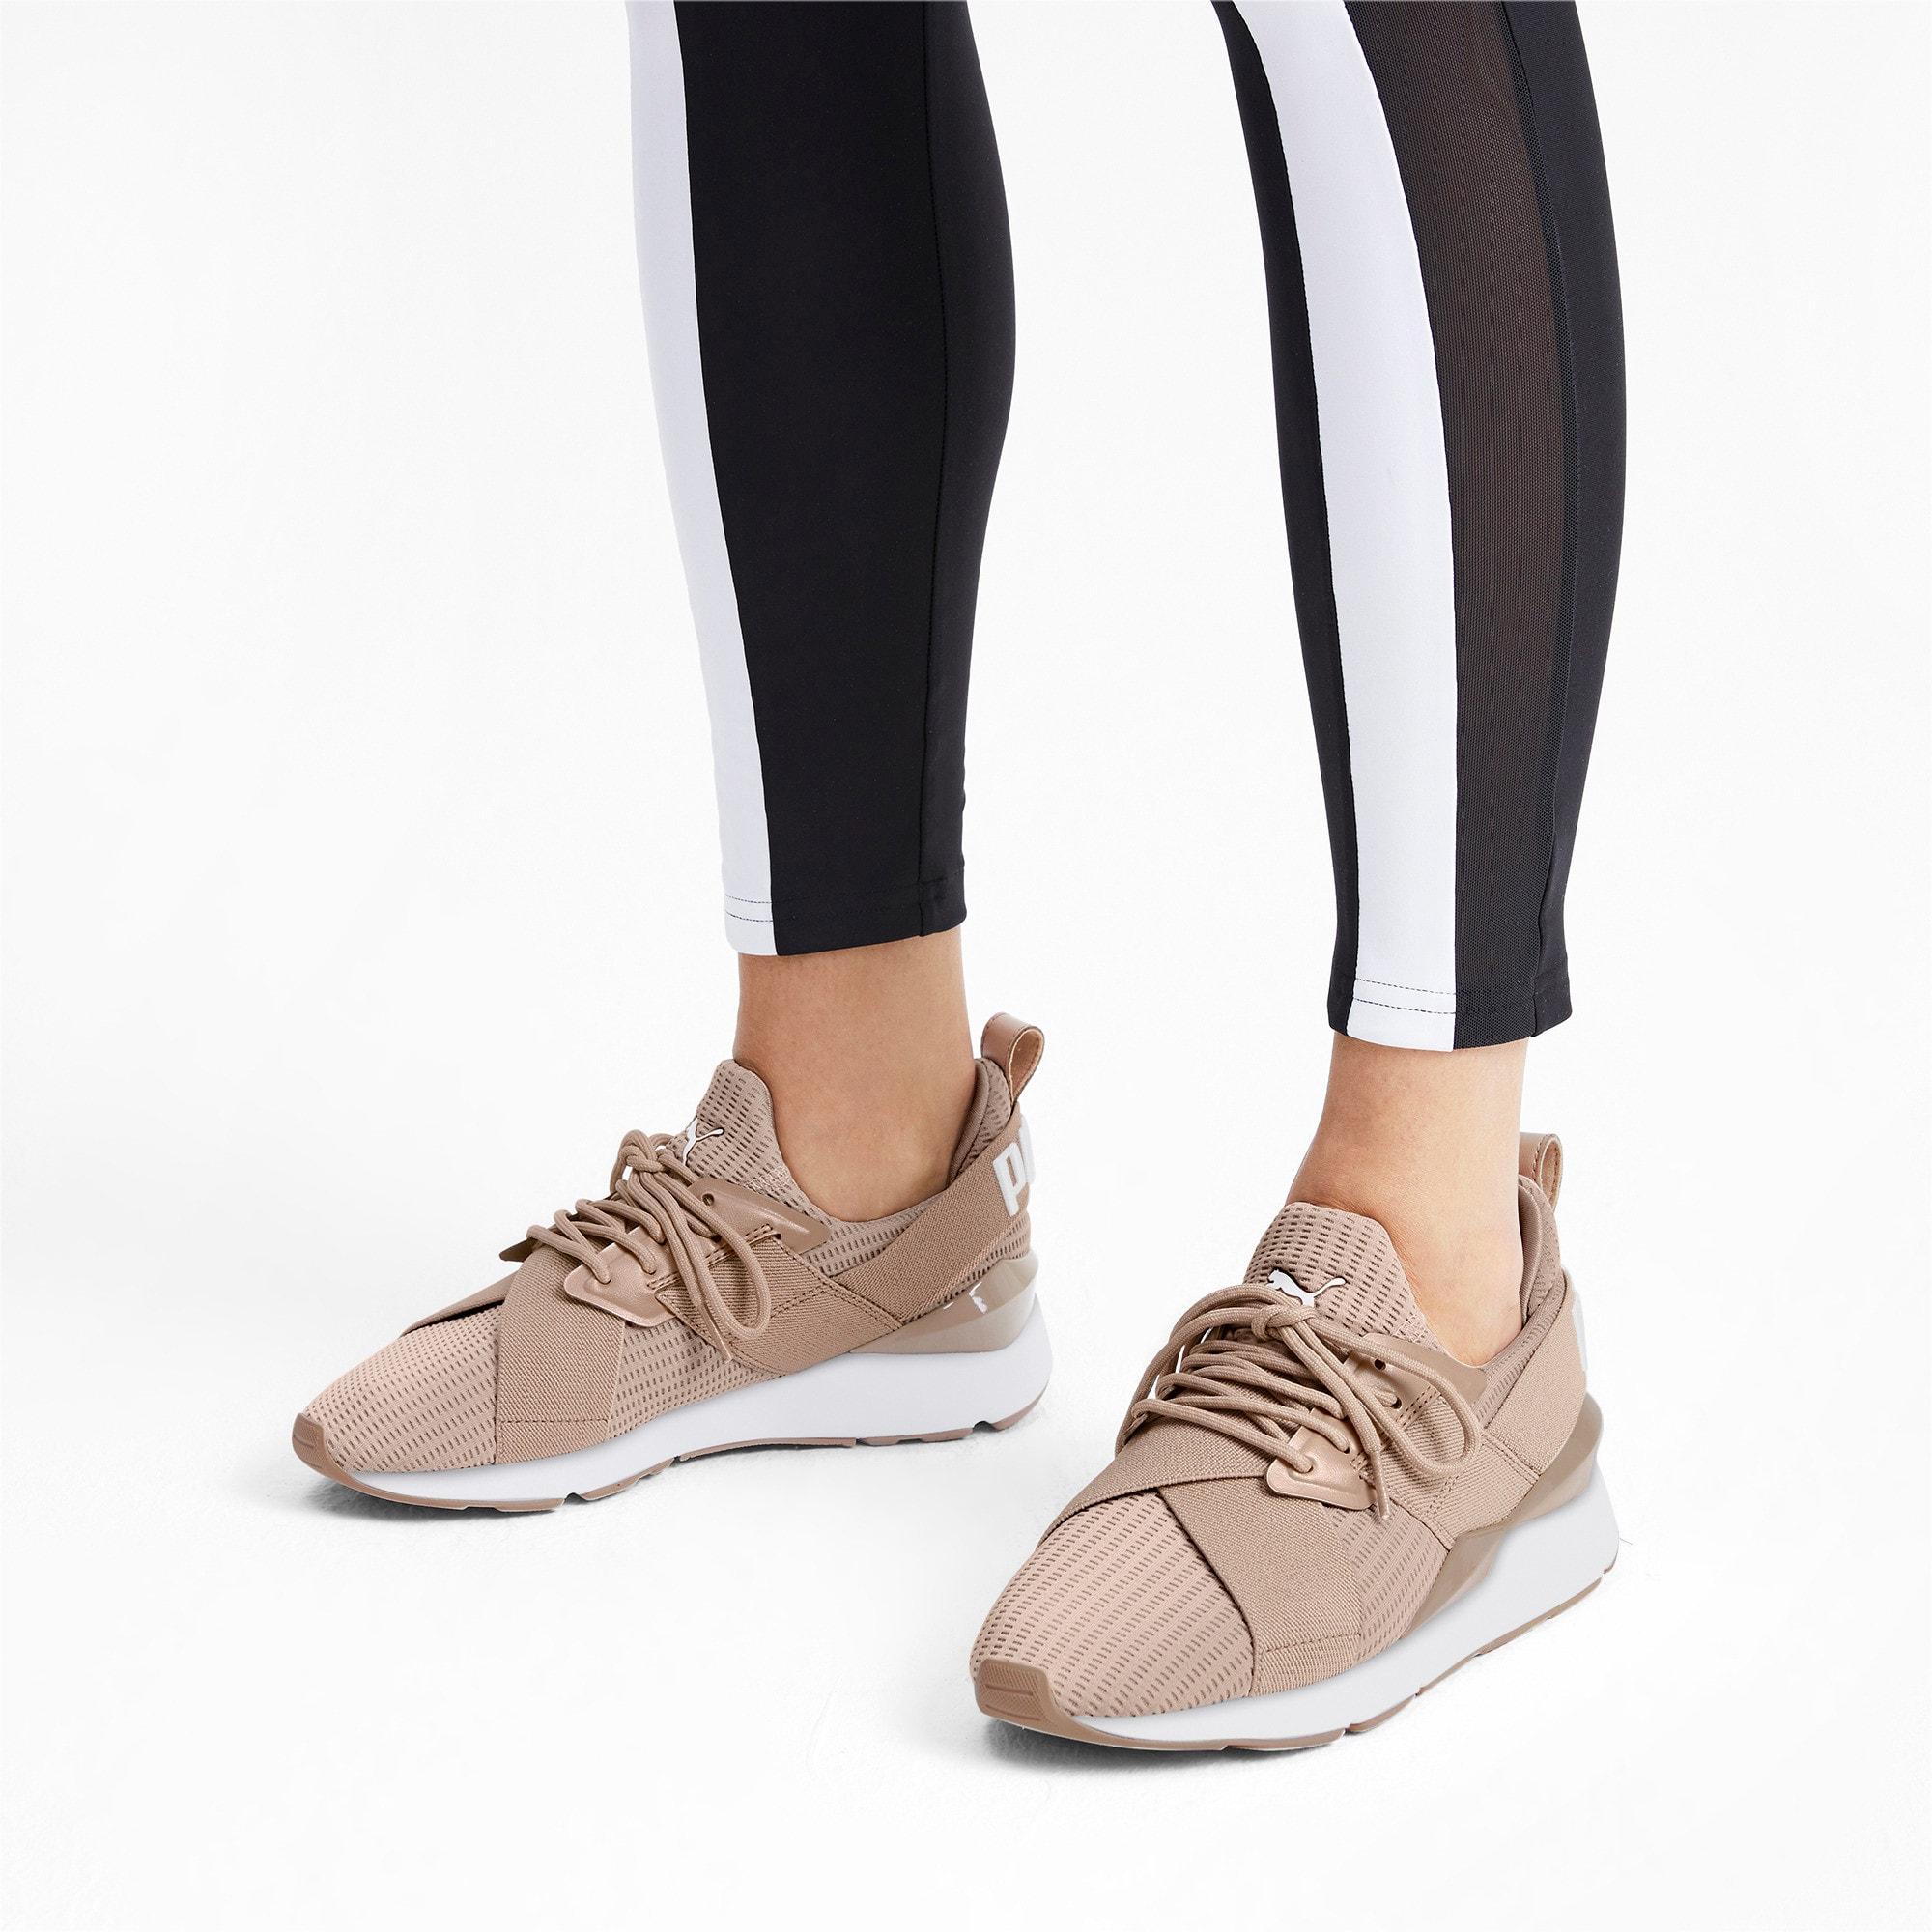 Thumbnail 3 of Muse Core+ Women's Sneakers, Nougat-Pastel Parchment, medium